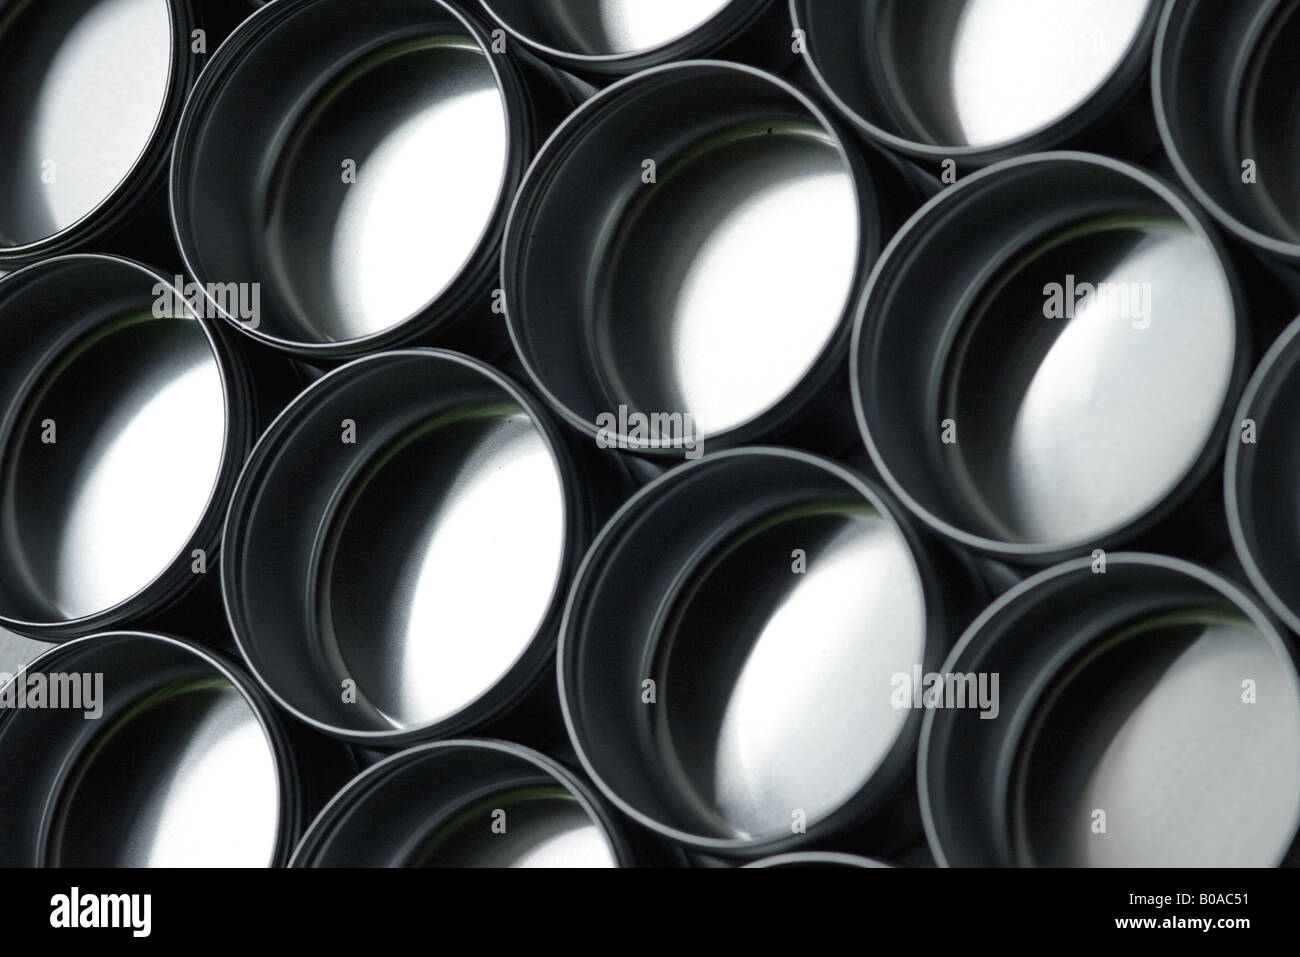 Recipientes metálicos, close-up Imagens de Stock